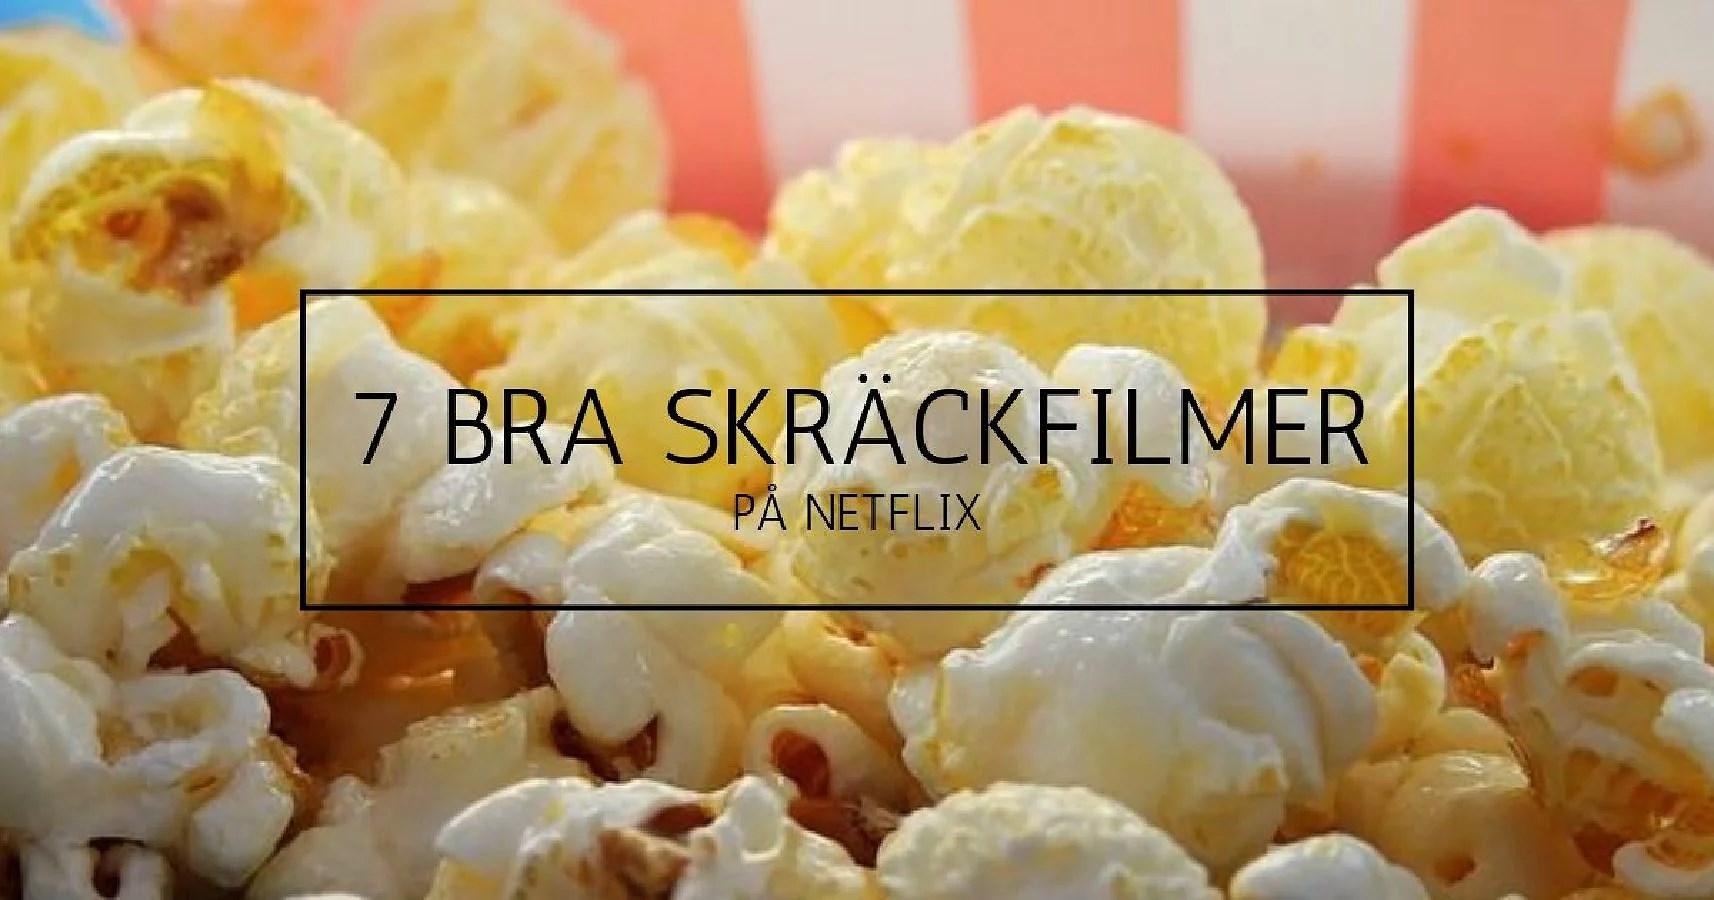 7 BRA SKRÄCKFILMER PÅ NETFLIX